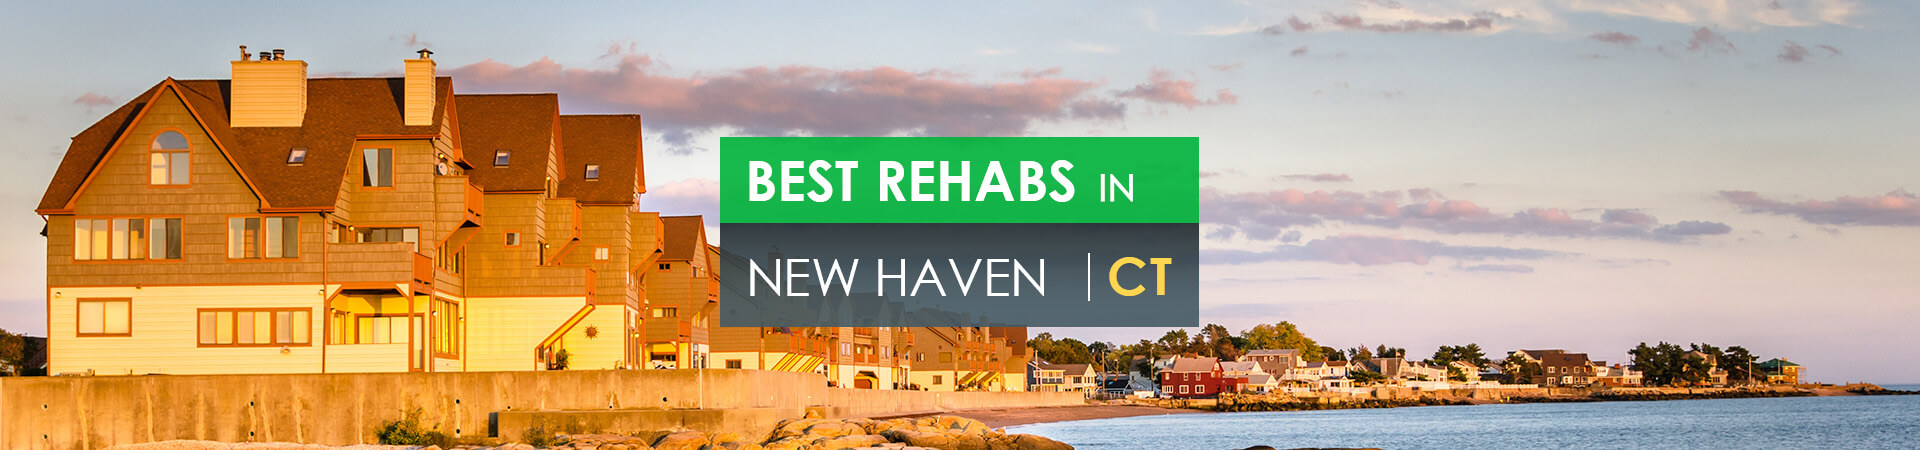 Best rehabs in New Haven, CT